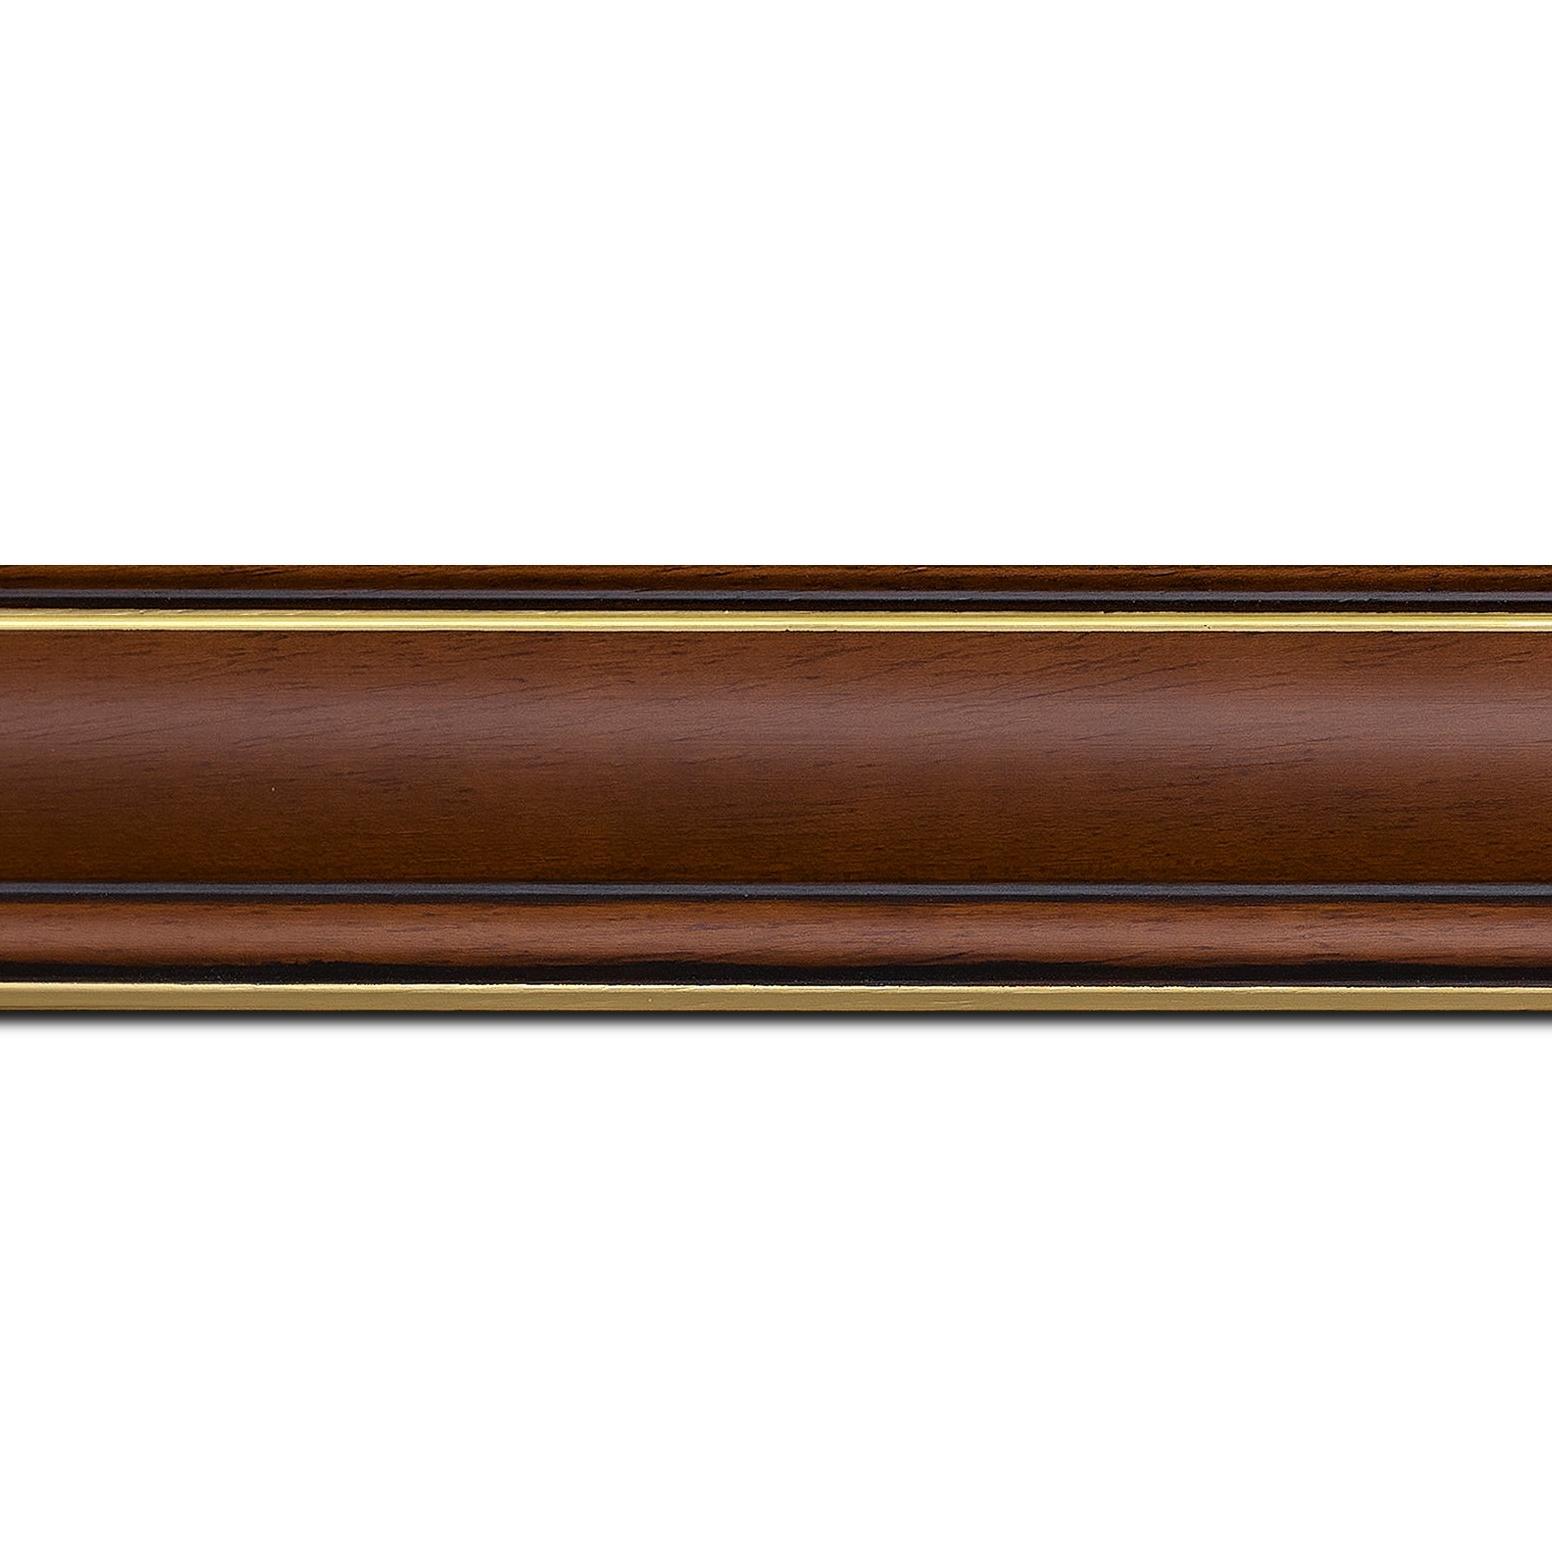 Baguette longueur 1.40m bois profil doucine inversée largeur 4.4cm  marron rustique filet or